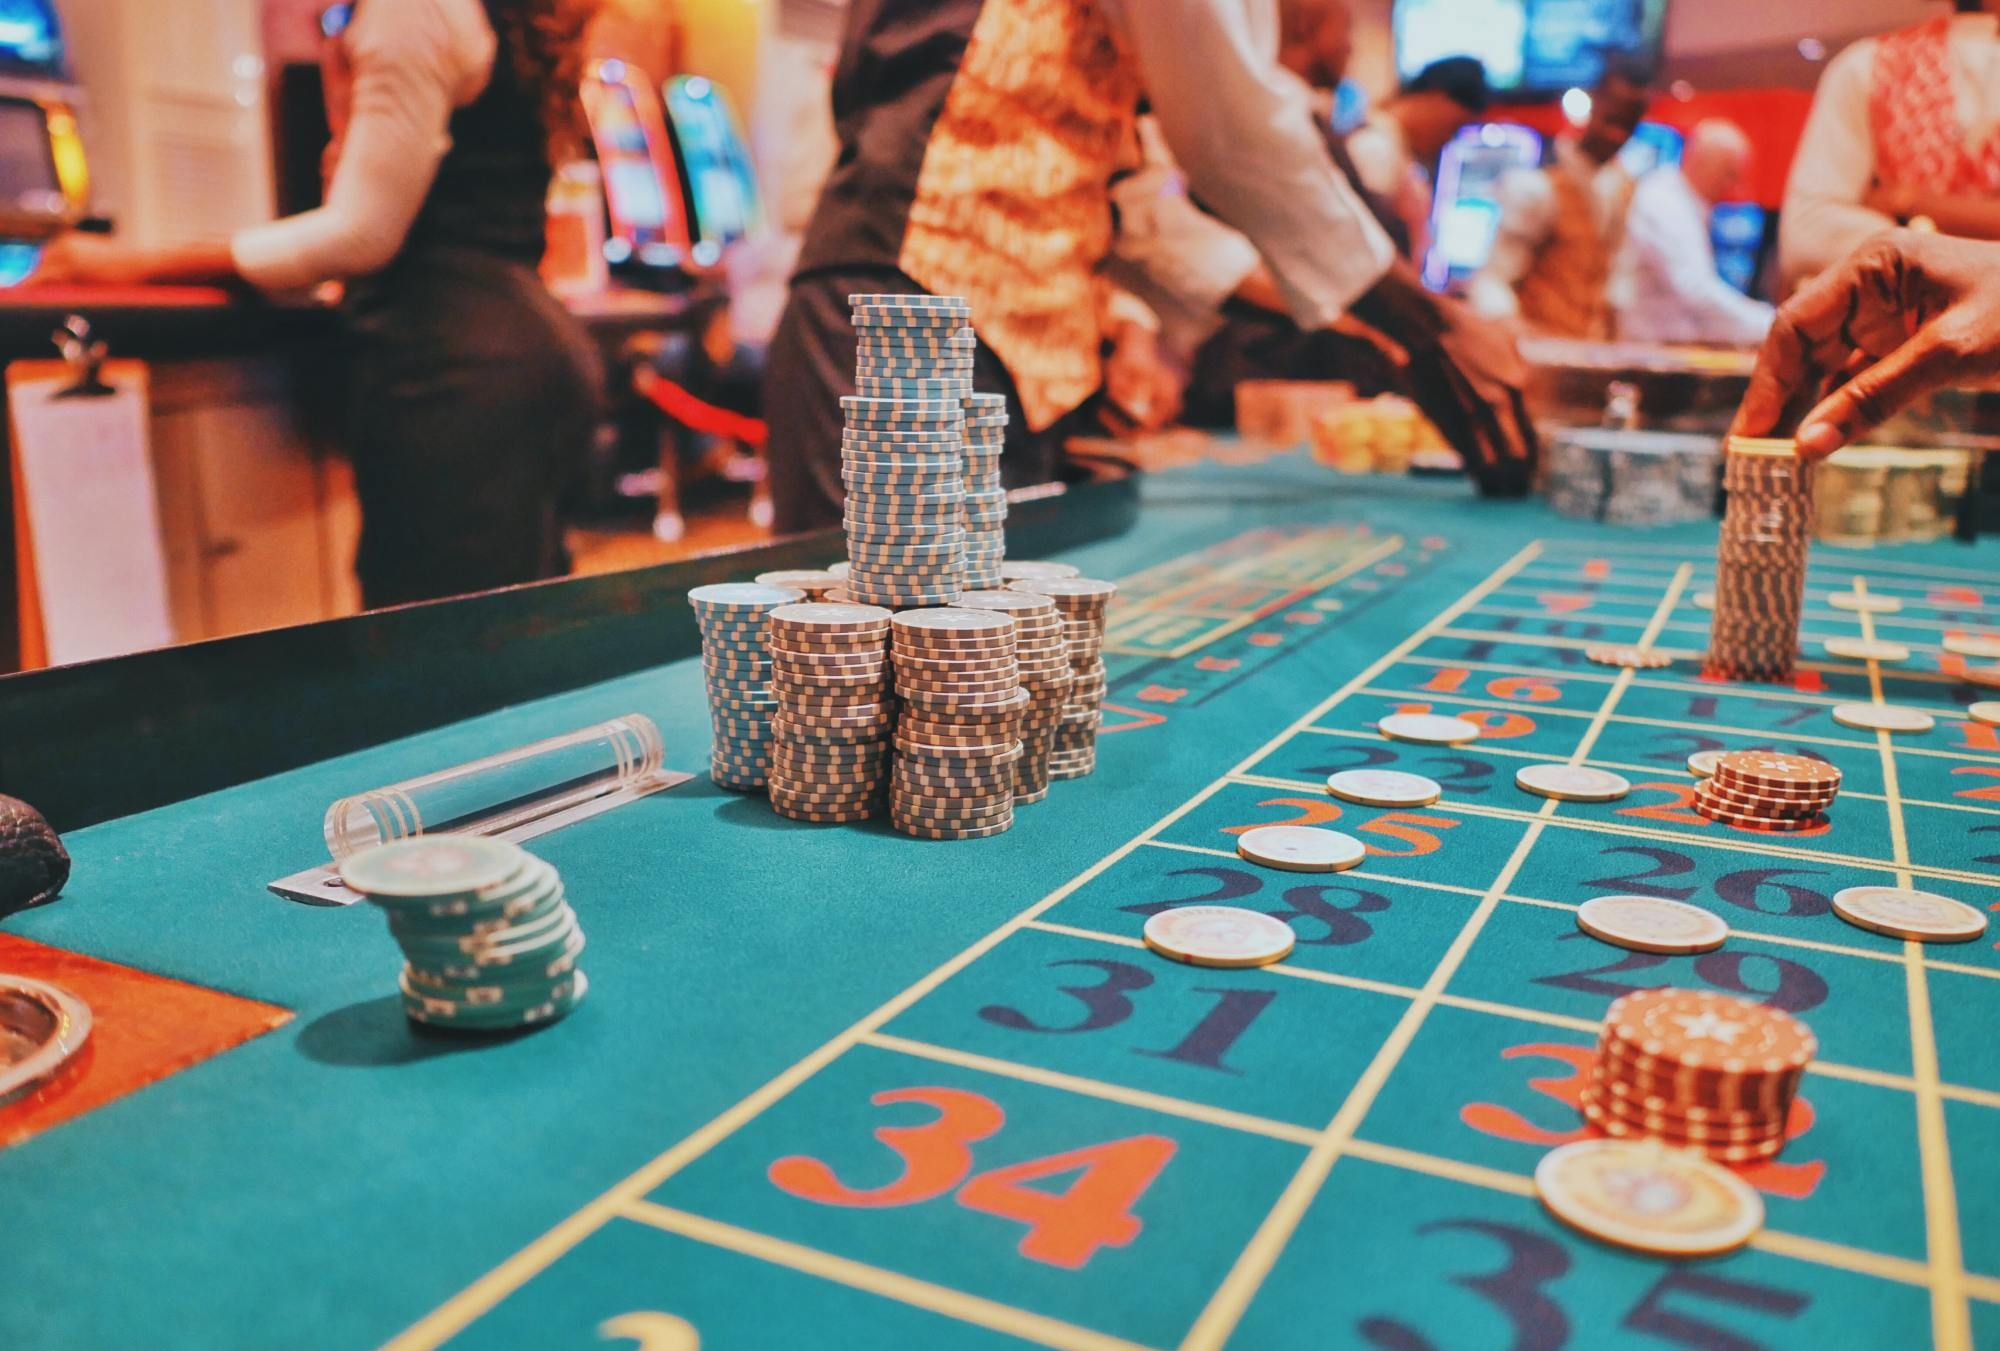 去赌场博人生,安排